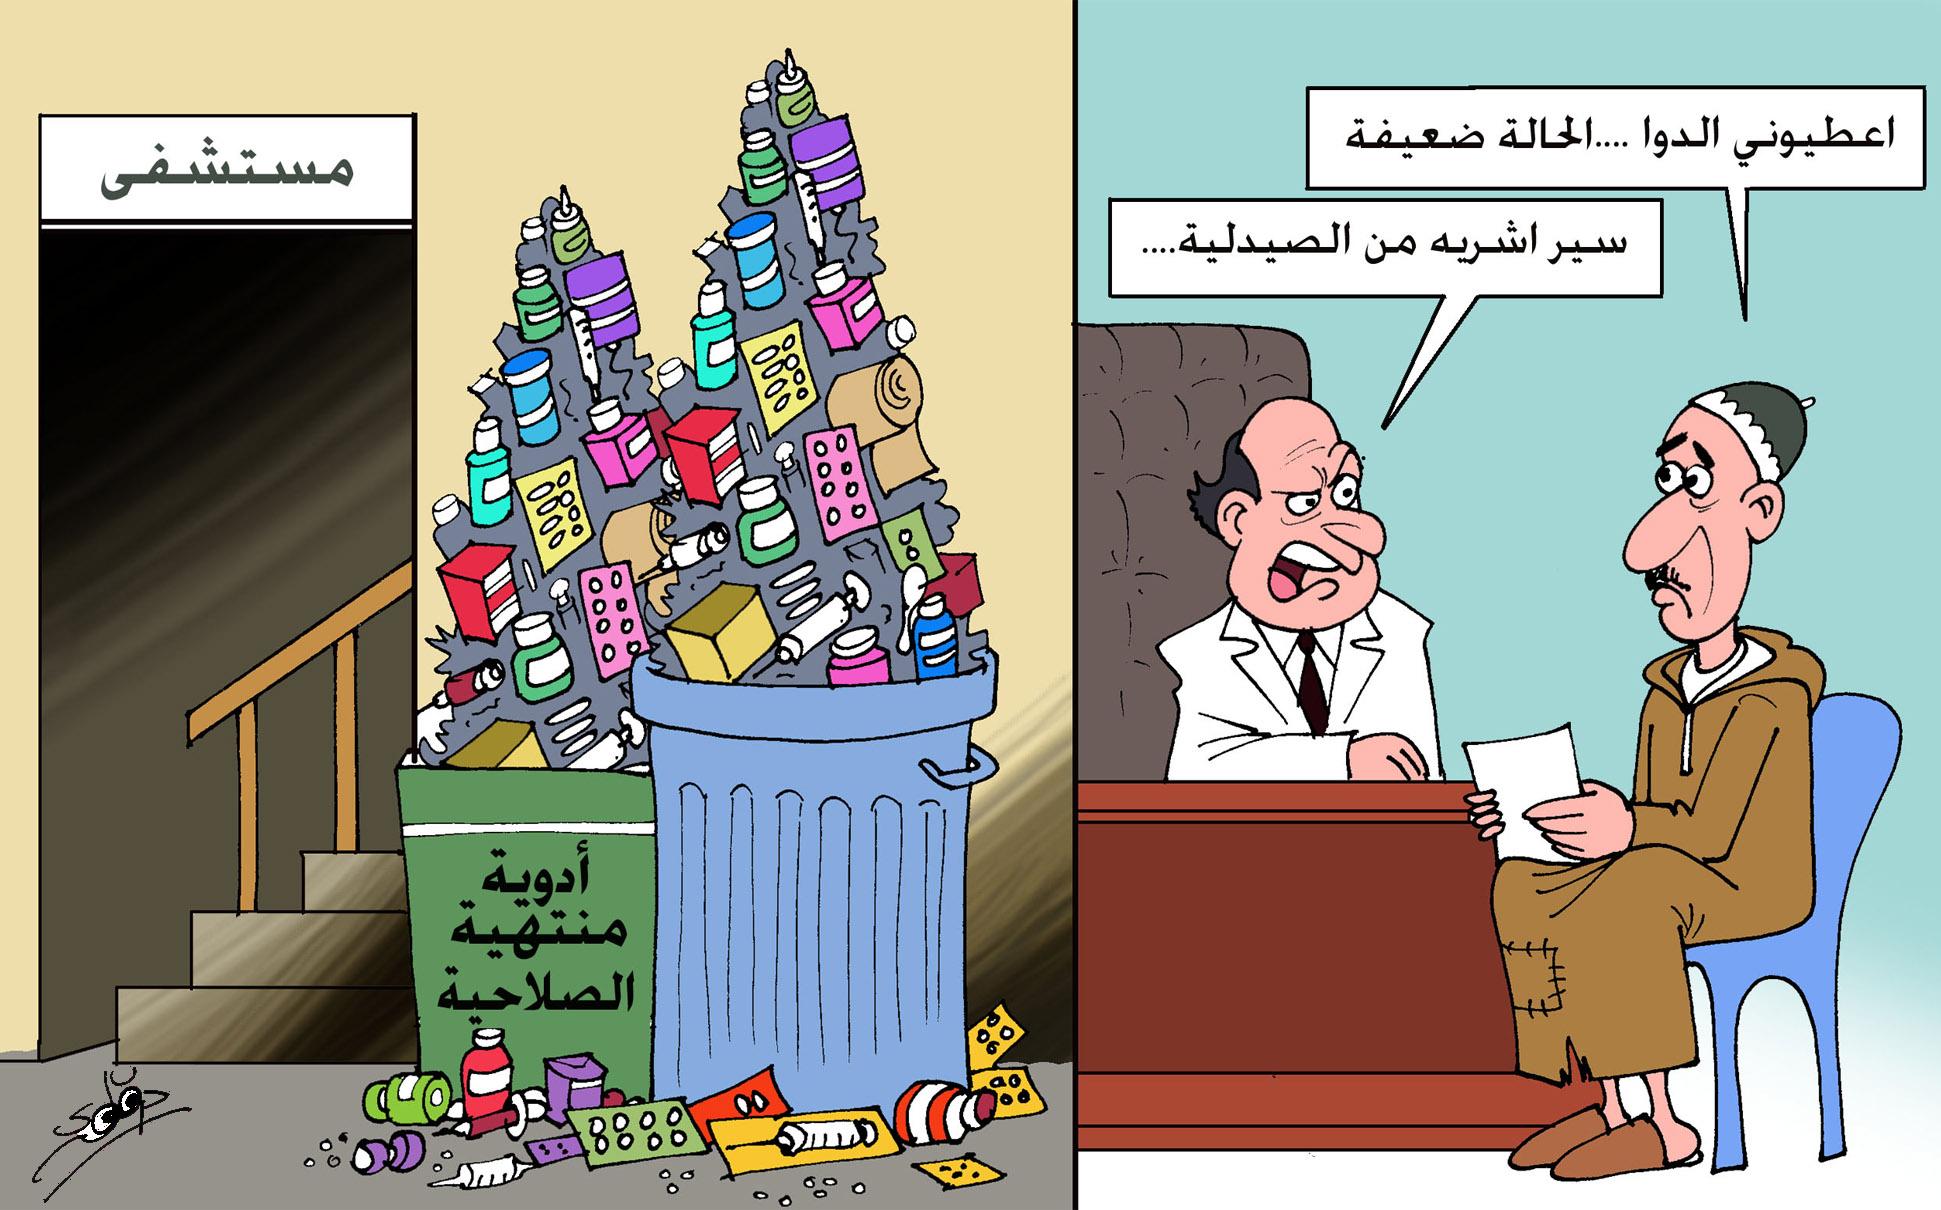 المستشفيات والادوية